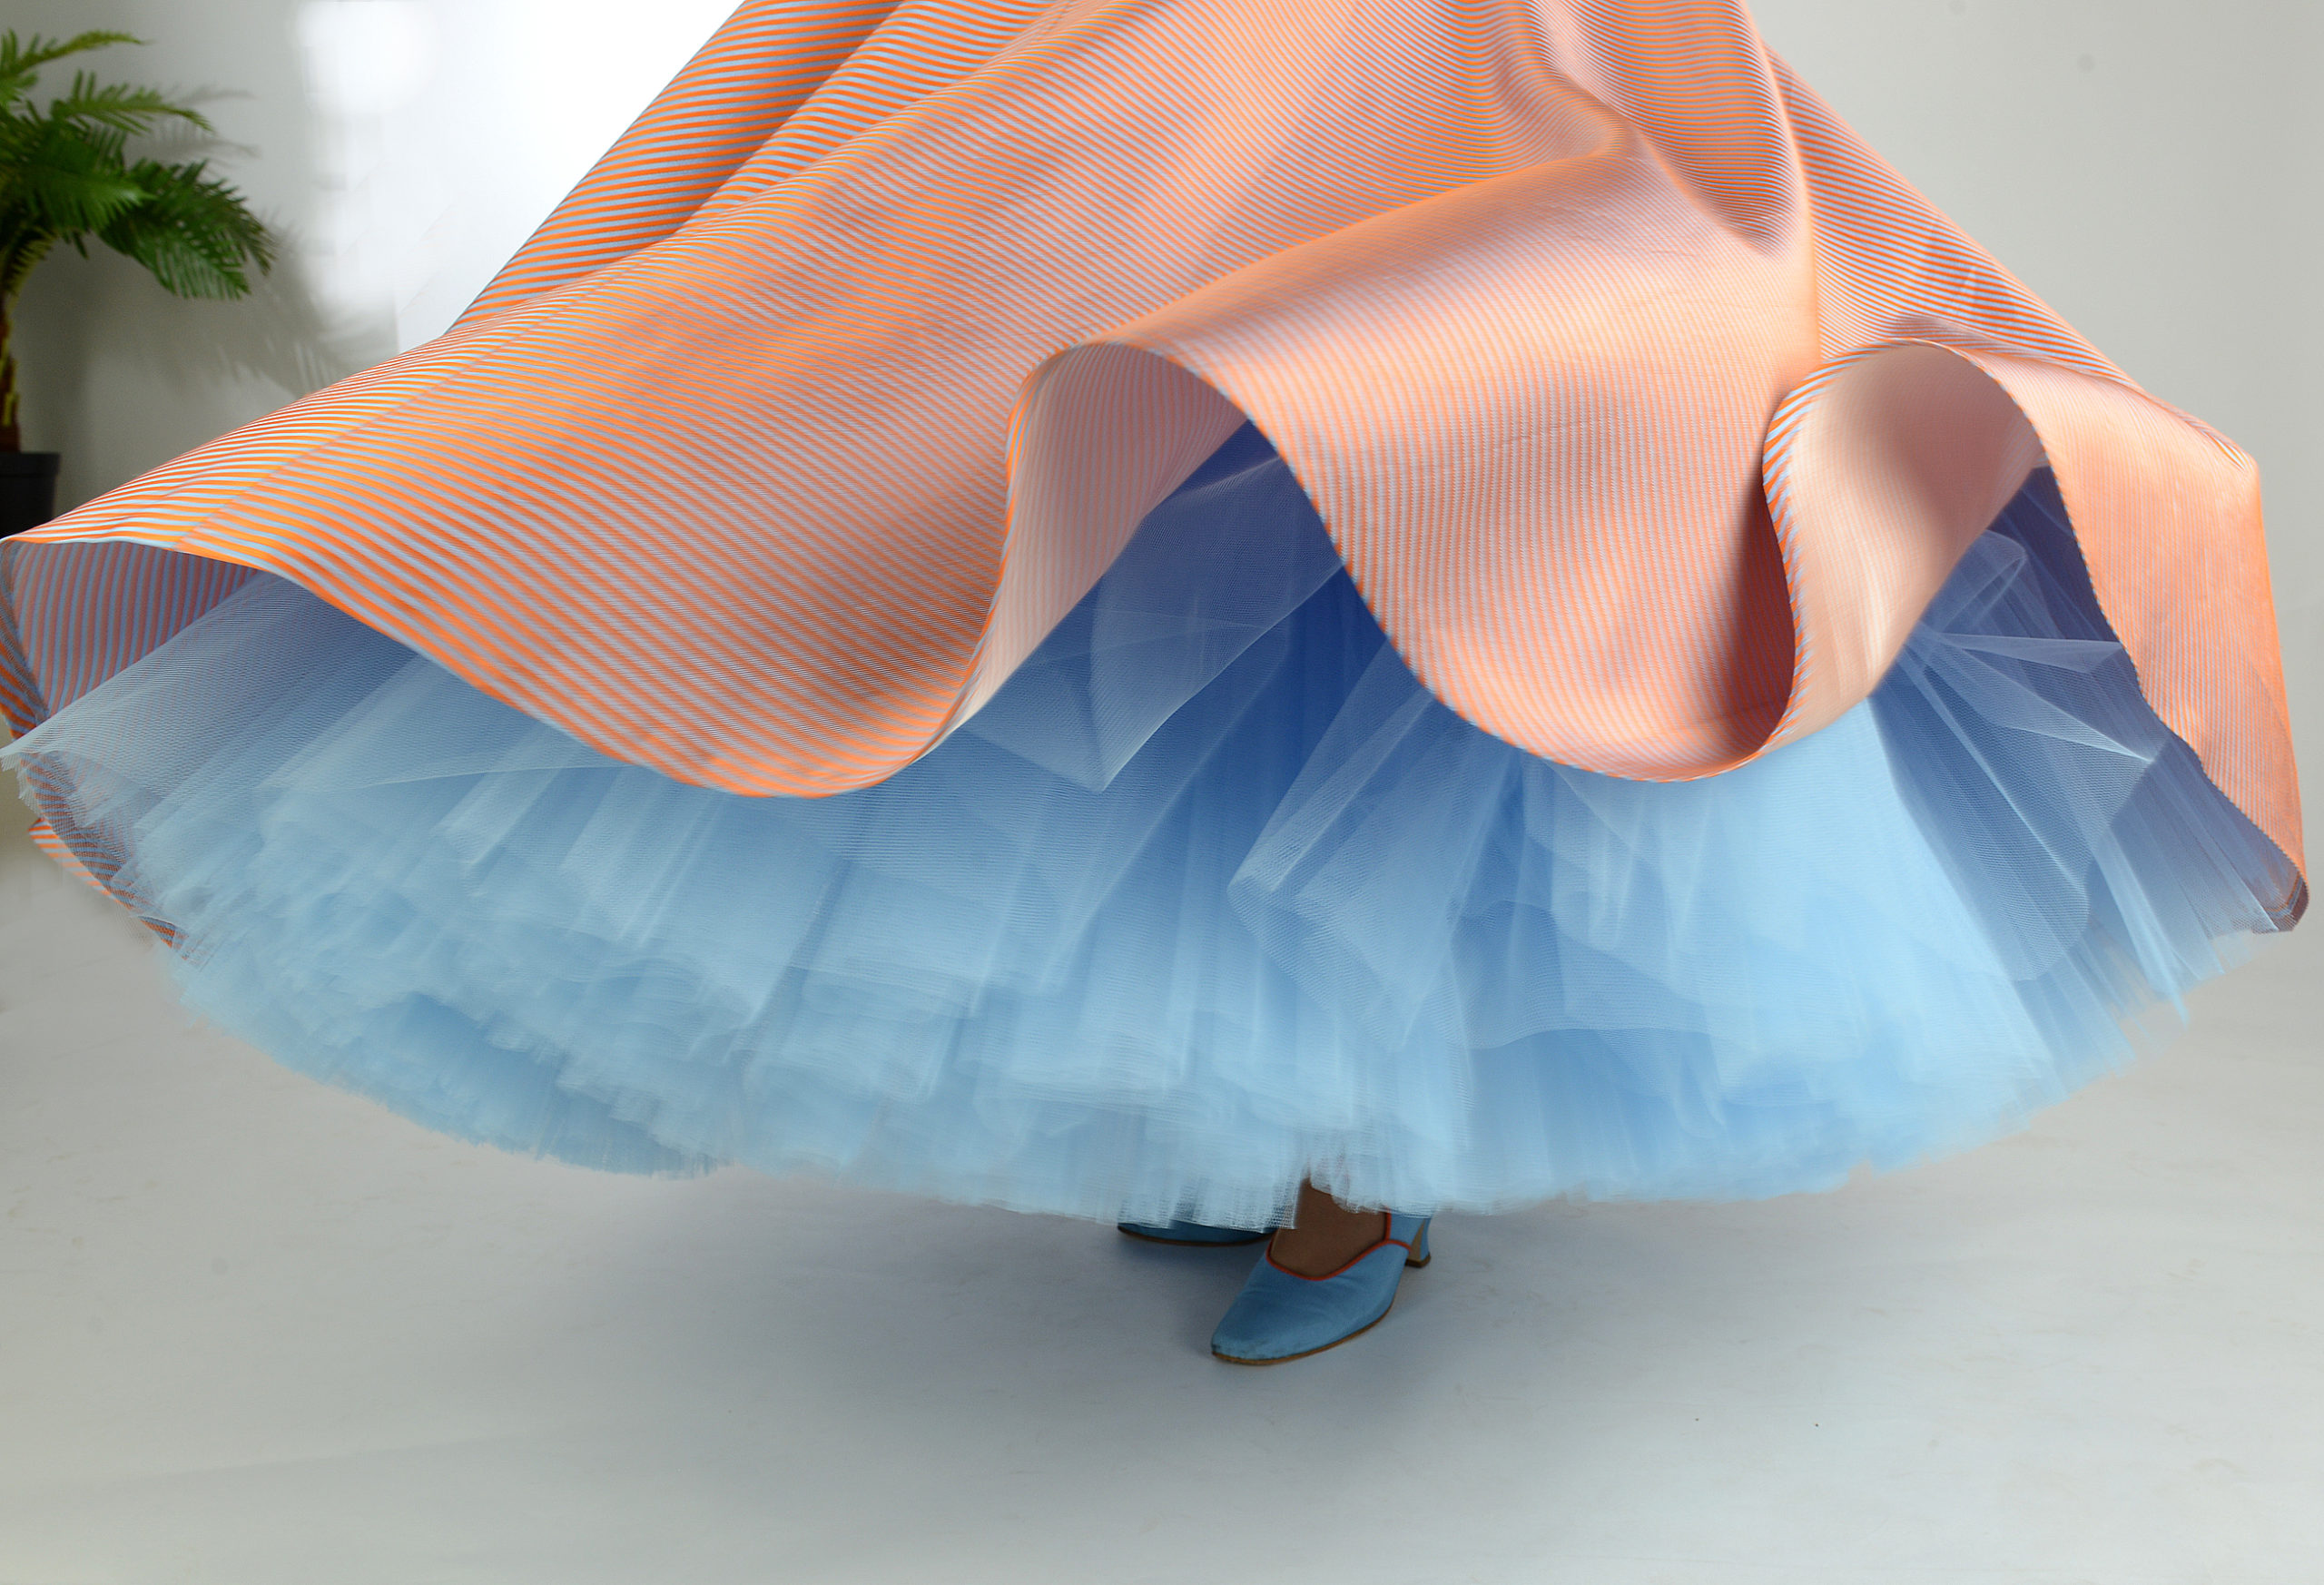 Ute bloggt: Das Ballkleid ist fertig